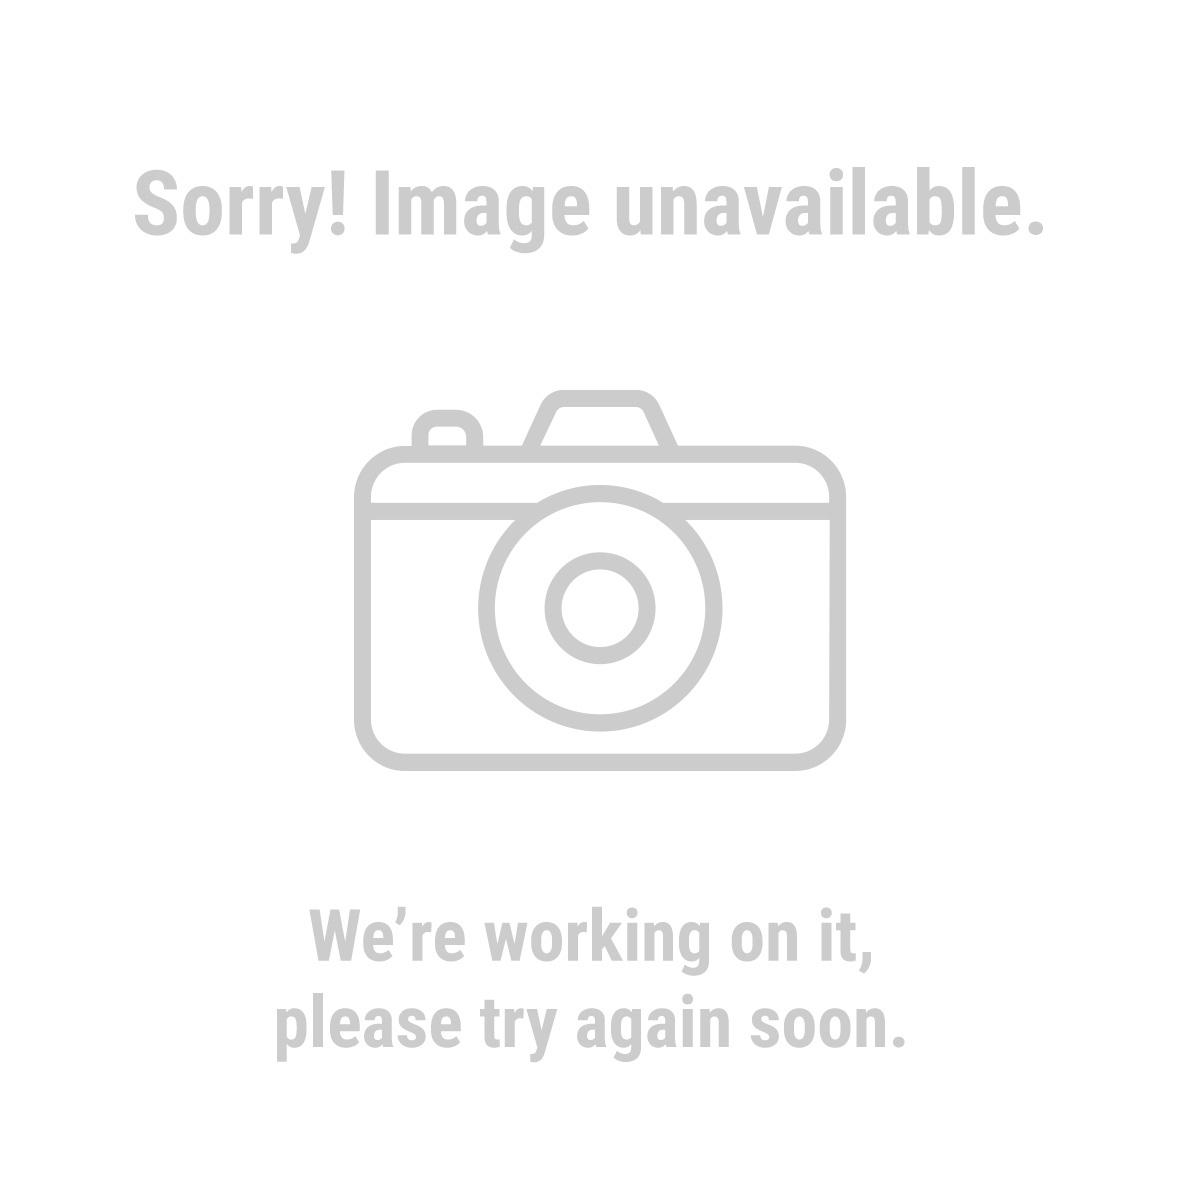 Warrior® 60744 5 Piece 3 in. 100 Grit Twist-Lock Abrasive Discs